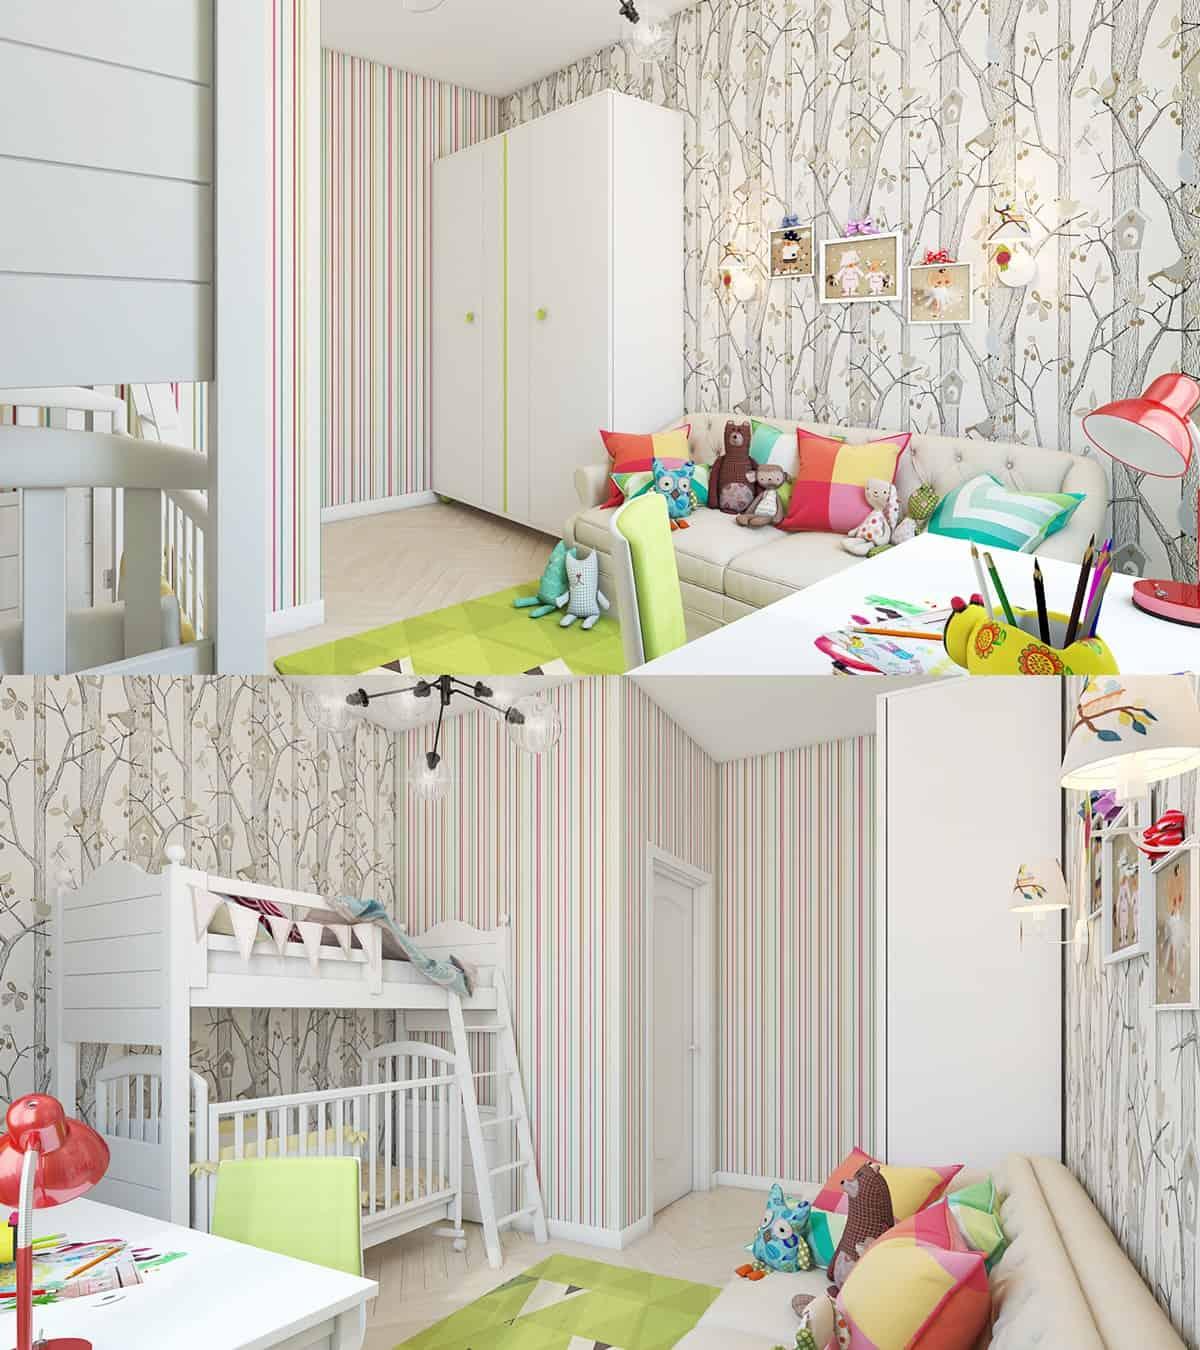 amenjarea in etape pentru camera copilului